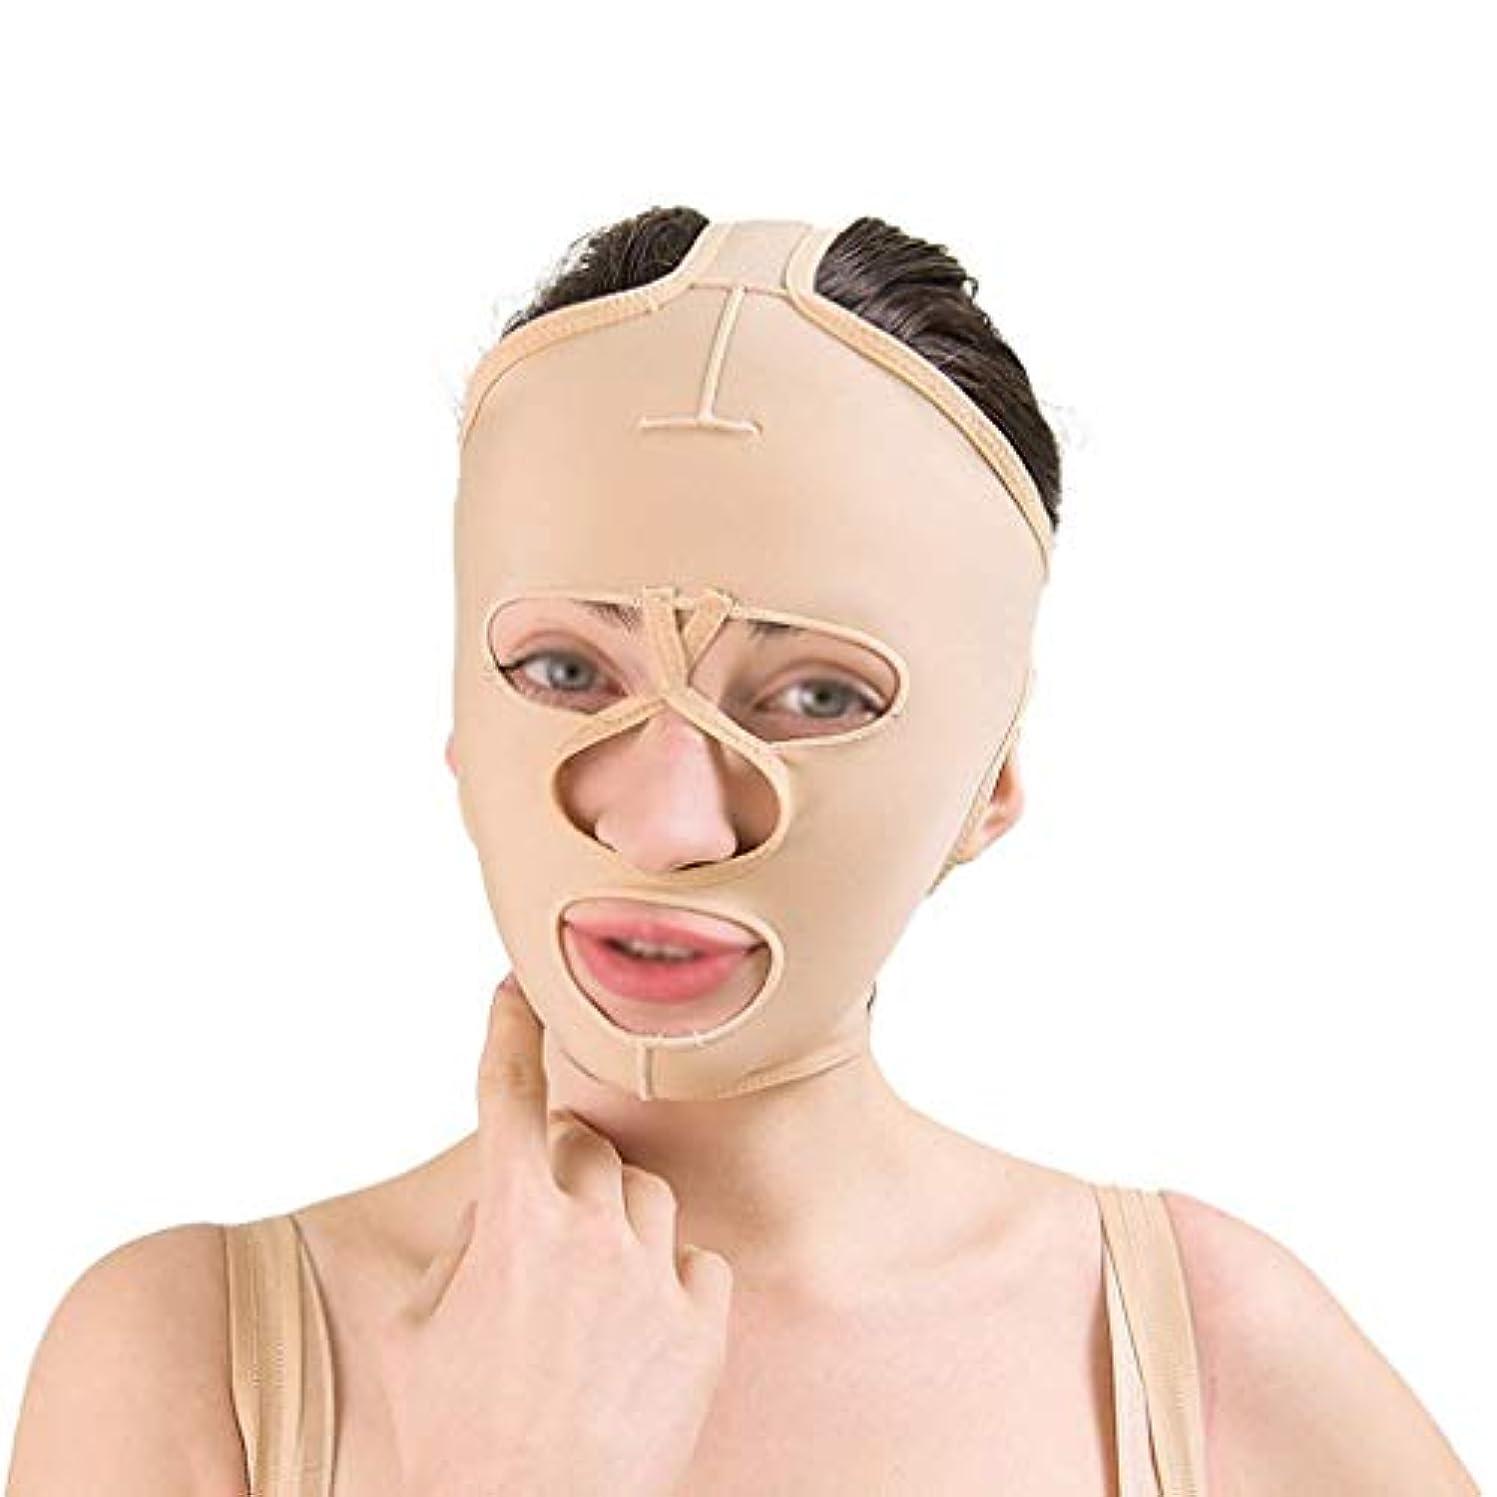 フィドル論理的トークフェイシャルリフティングツール、フェイシャルビューティーリフティングマスク、通気性引き締めリフティングフェイシャル包帯、フェイシャルタイトバンデージ(サイズ:L),M